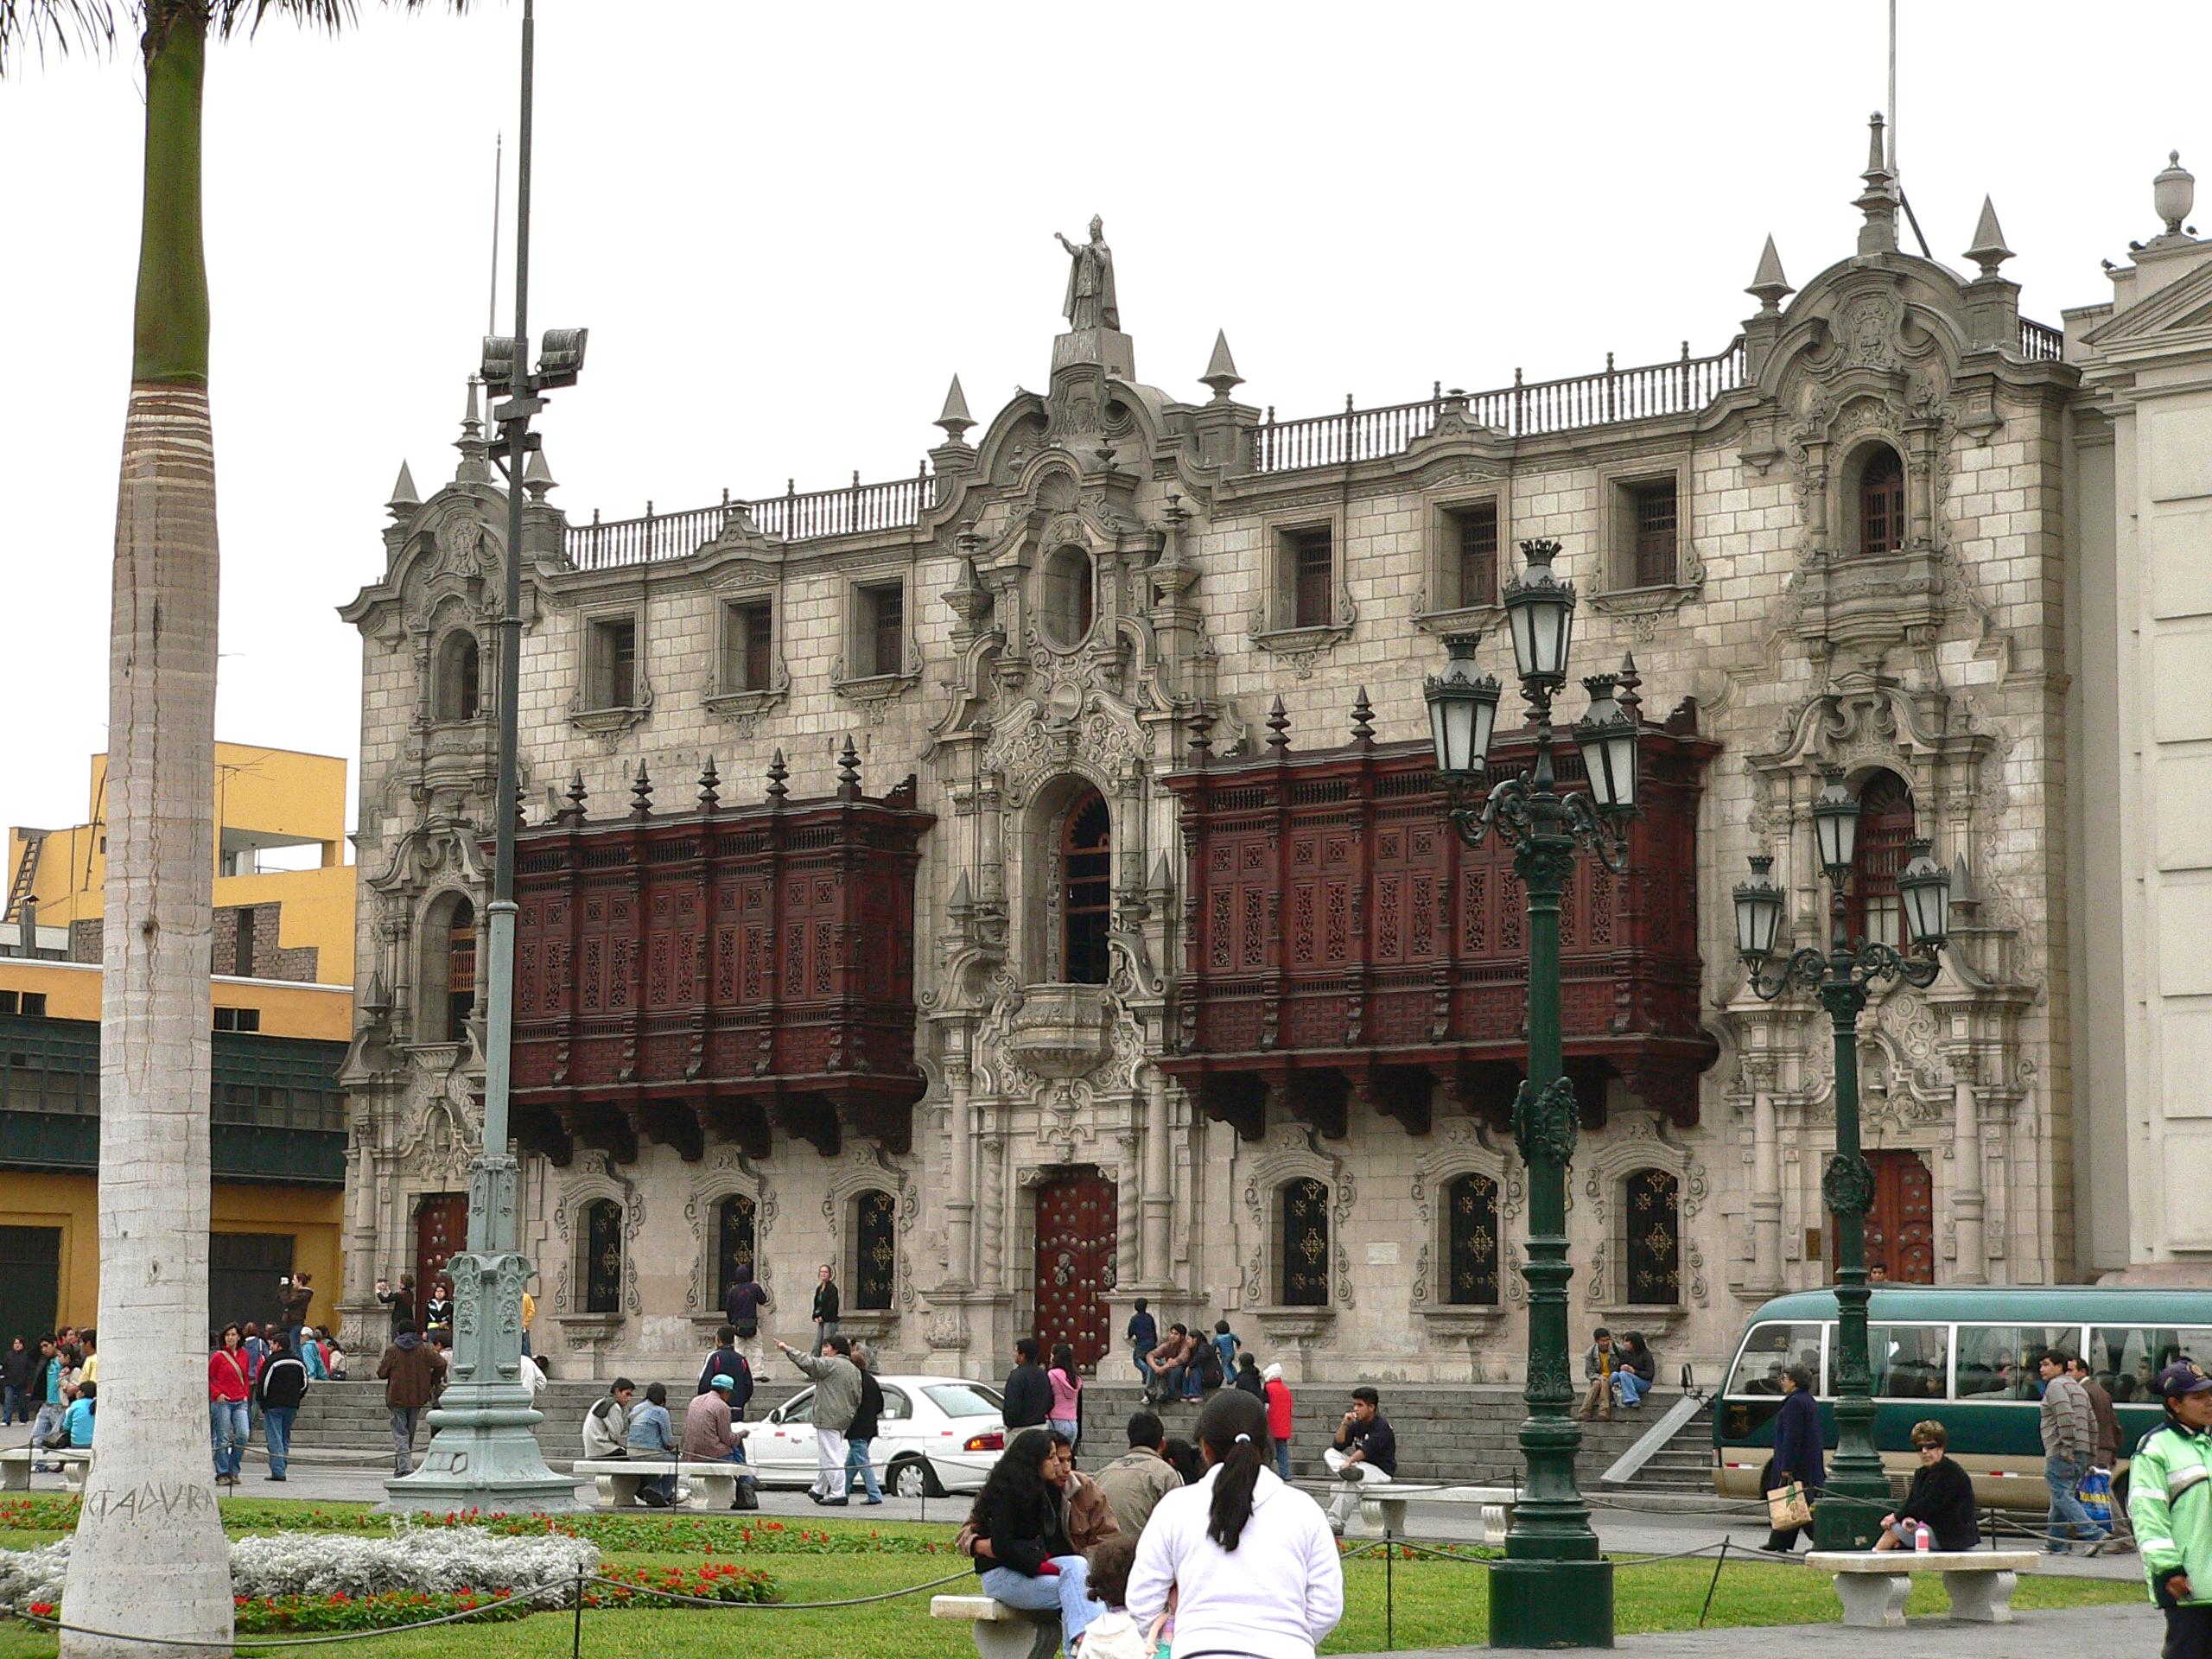 Palácio Arzobispal © Manuel González Olaechea y Franco